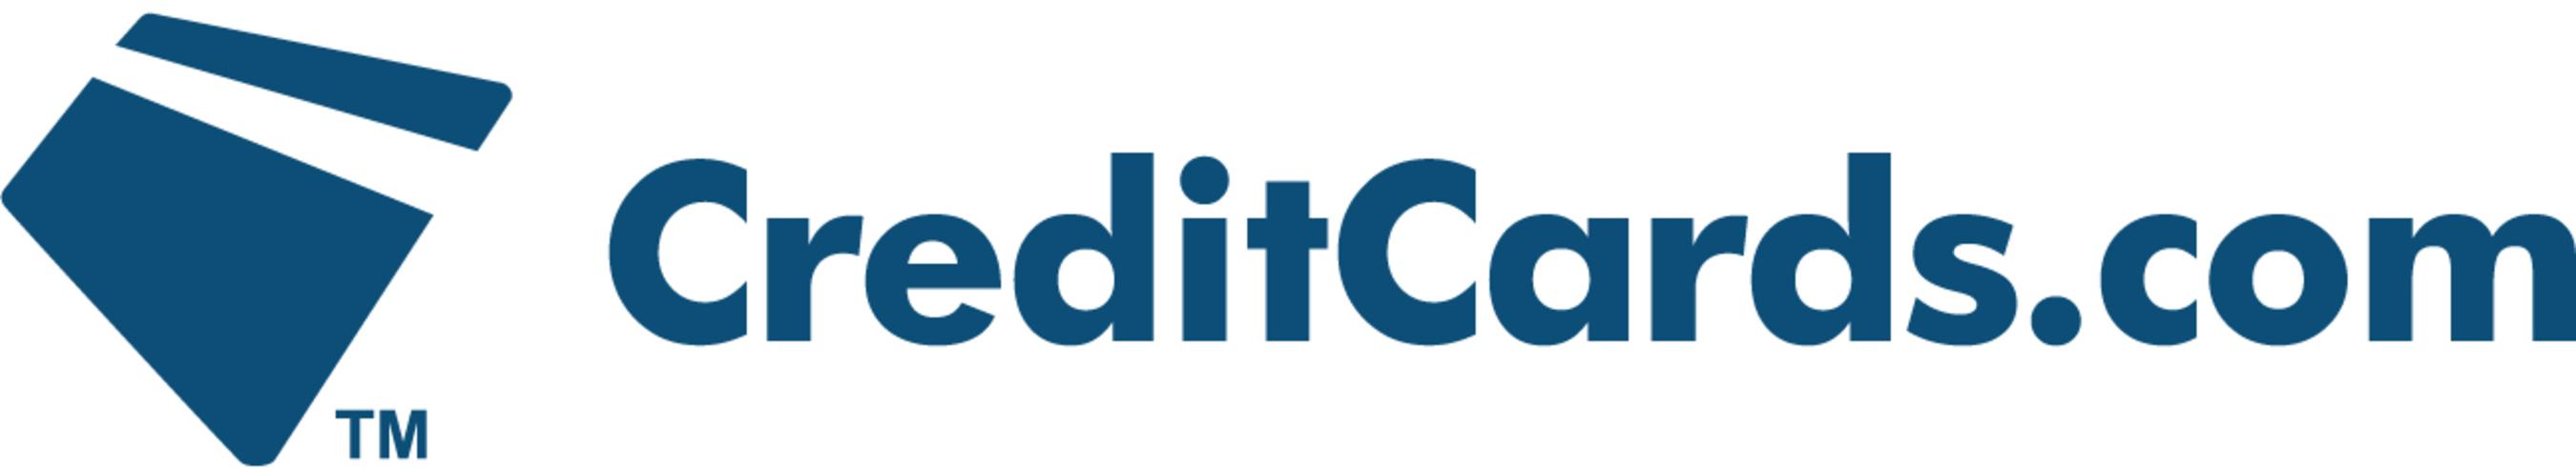 CREDITCARDS.COM logo. (PRNewsFoto/CREDITCARDS.COM)